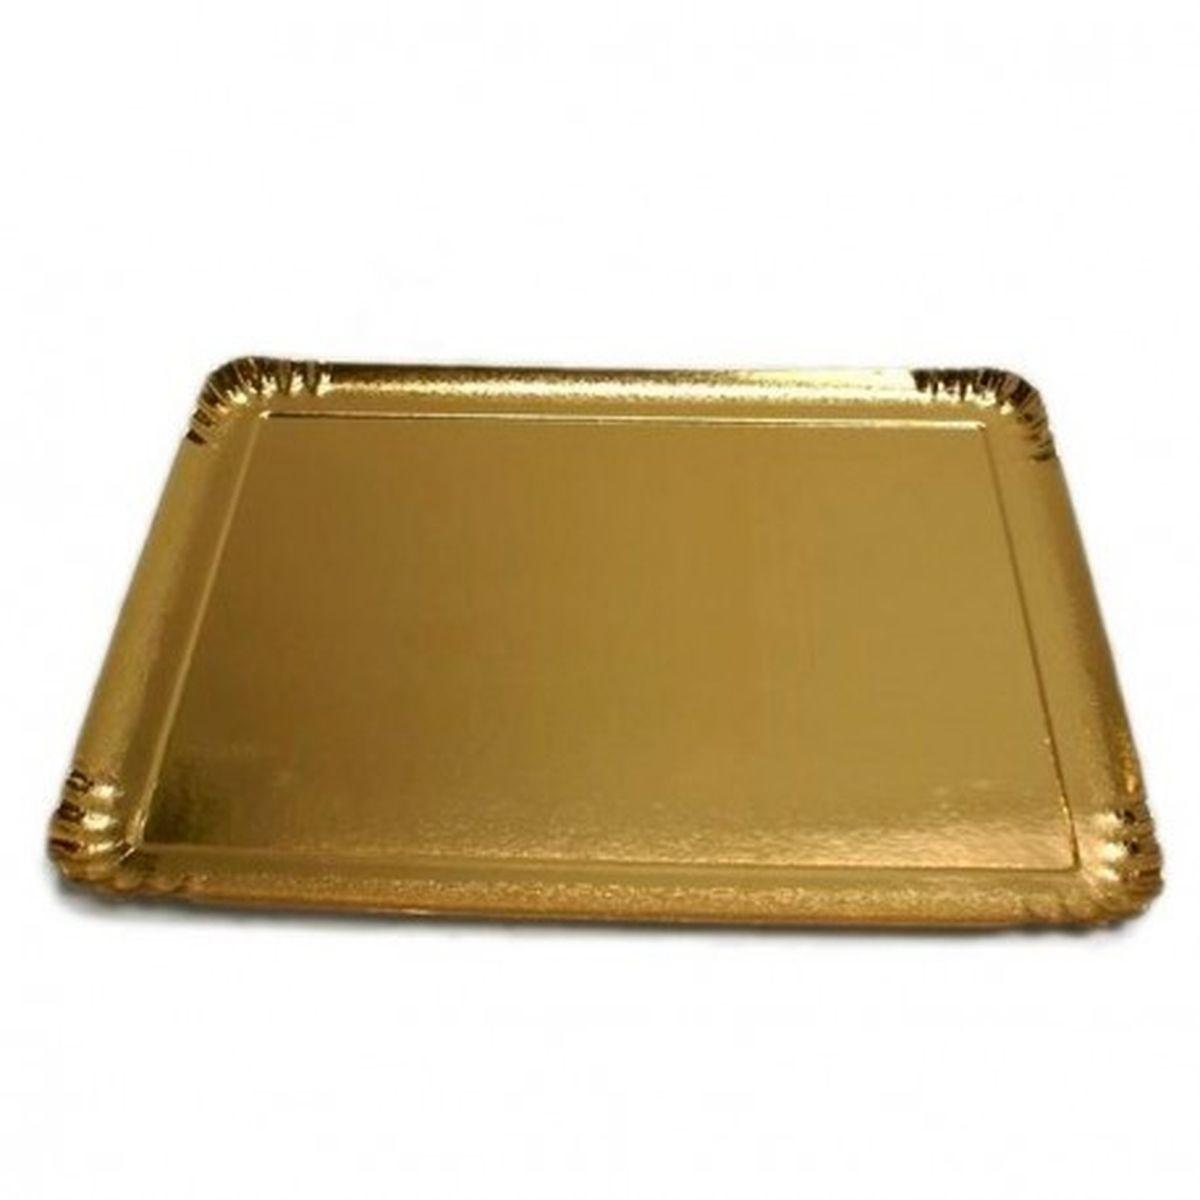 25 plateaux rectangulaires en carton dorés 19 x 28 cm - Patisdecor